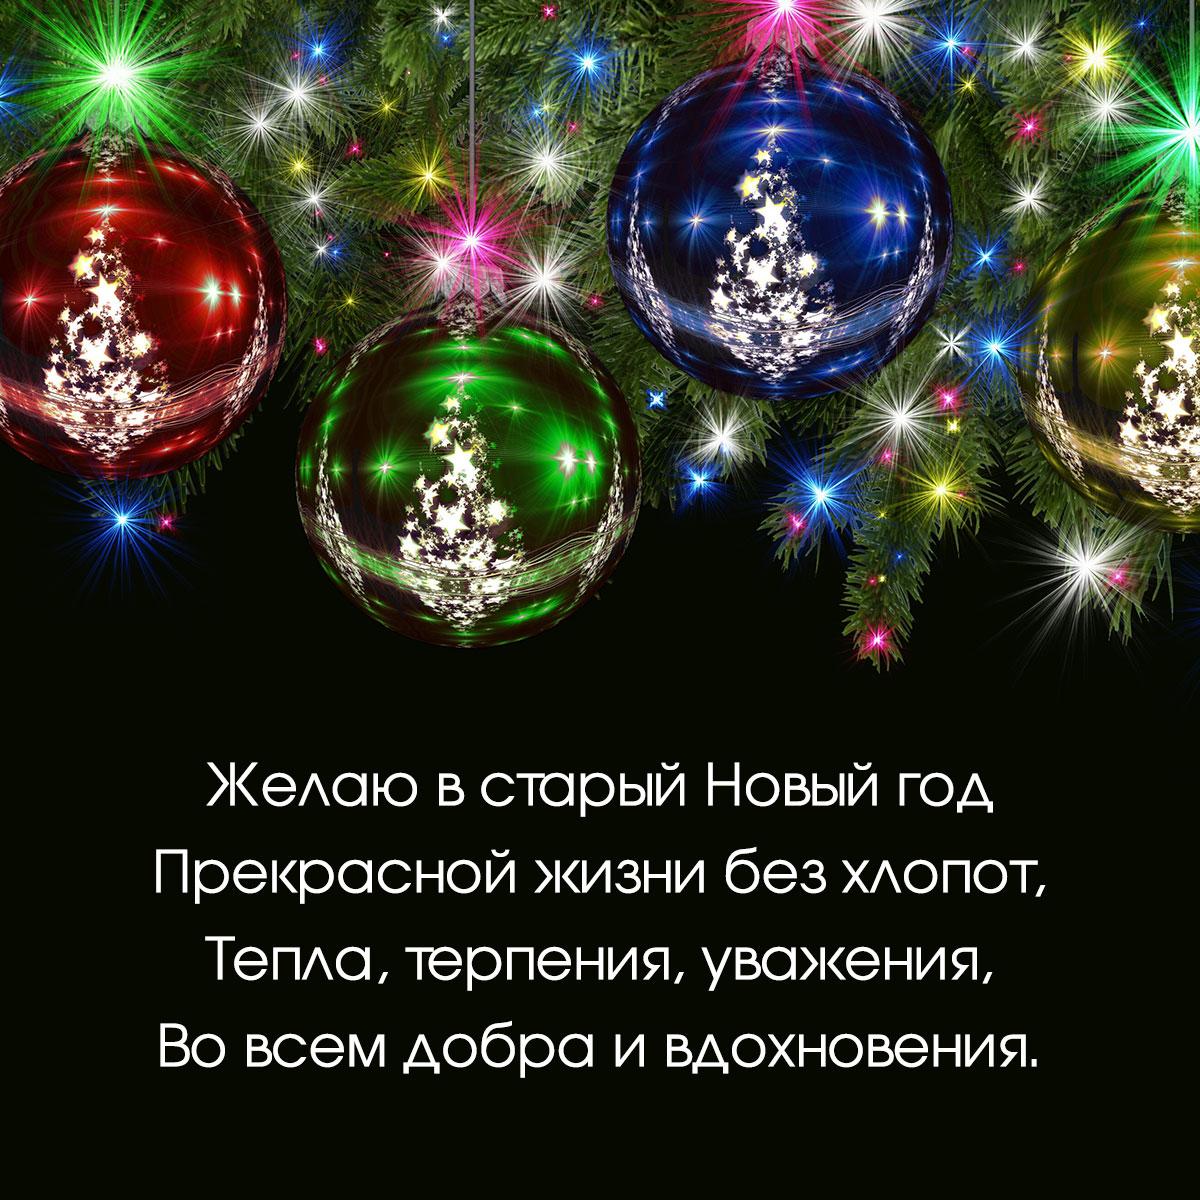 Картинка со стихами на поздравление с наступающим старым новым годом со светящимися рождественскими шарами на ветках ёлки на чёрном фоне.